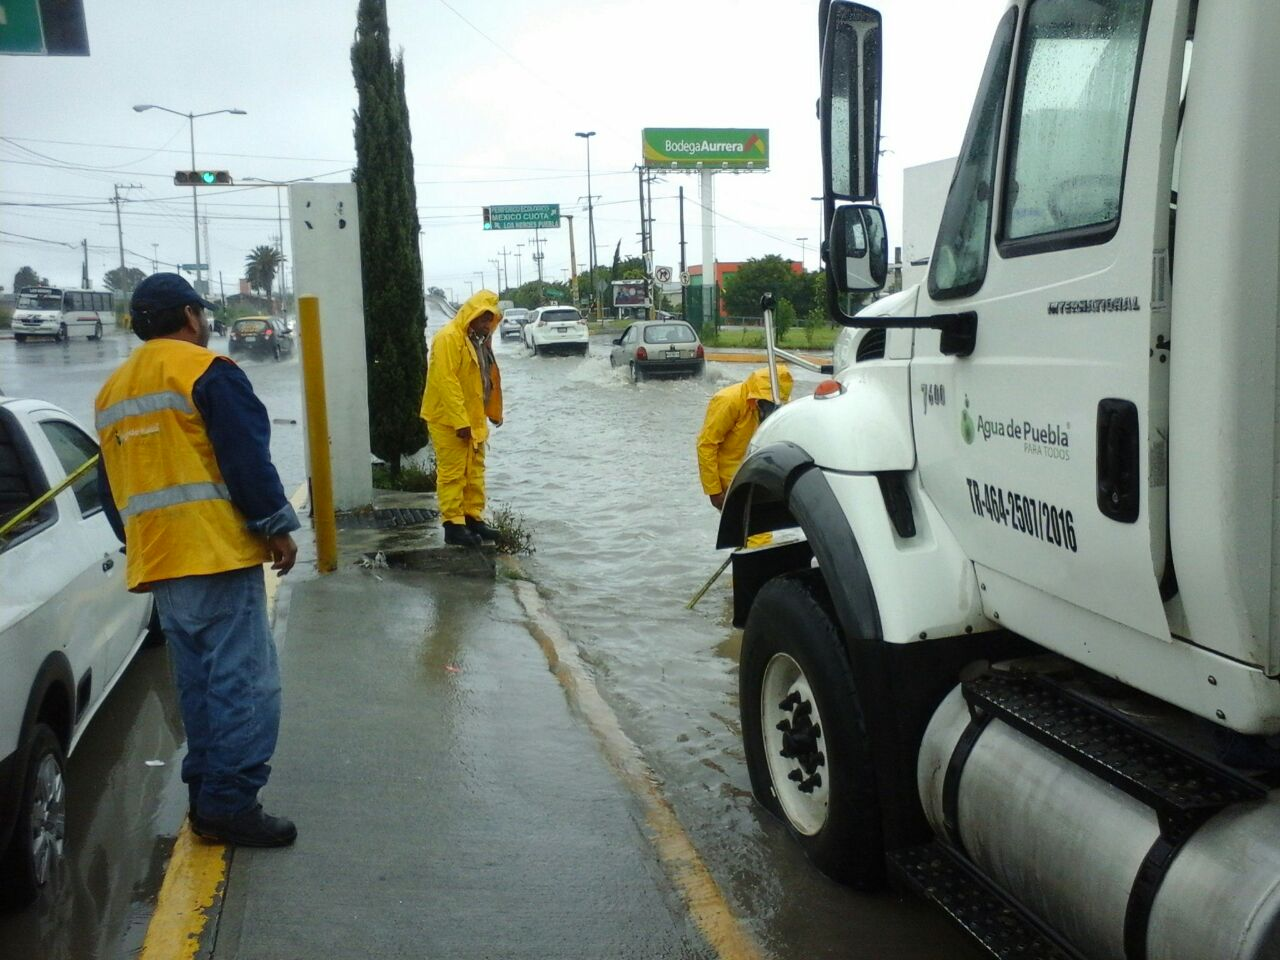 Agua de Puebla hizo obras preventivas  en diversas colonias de la capital